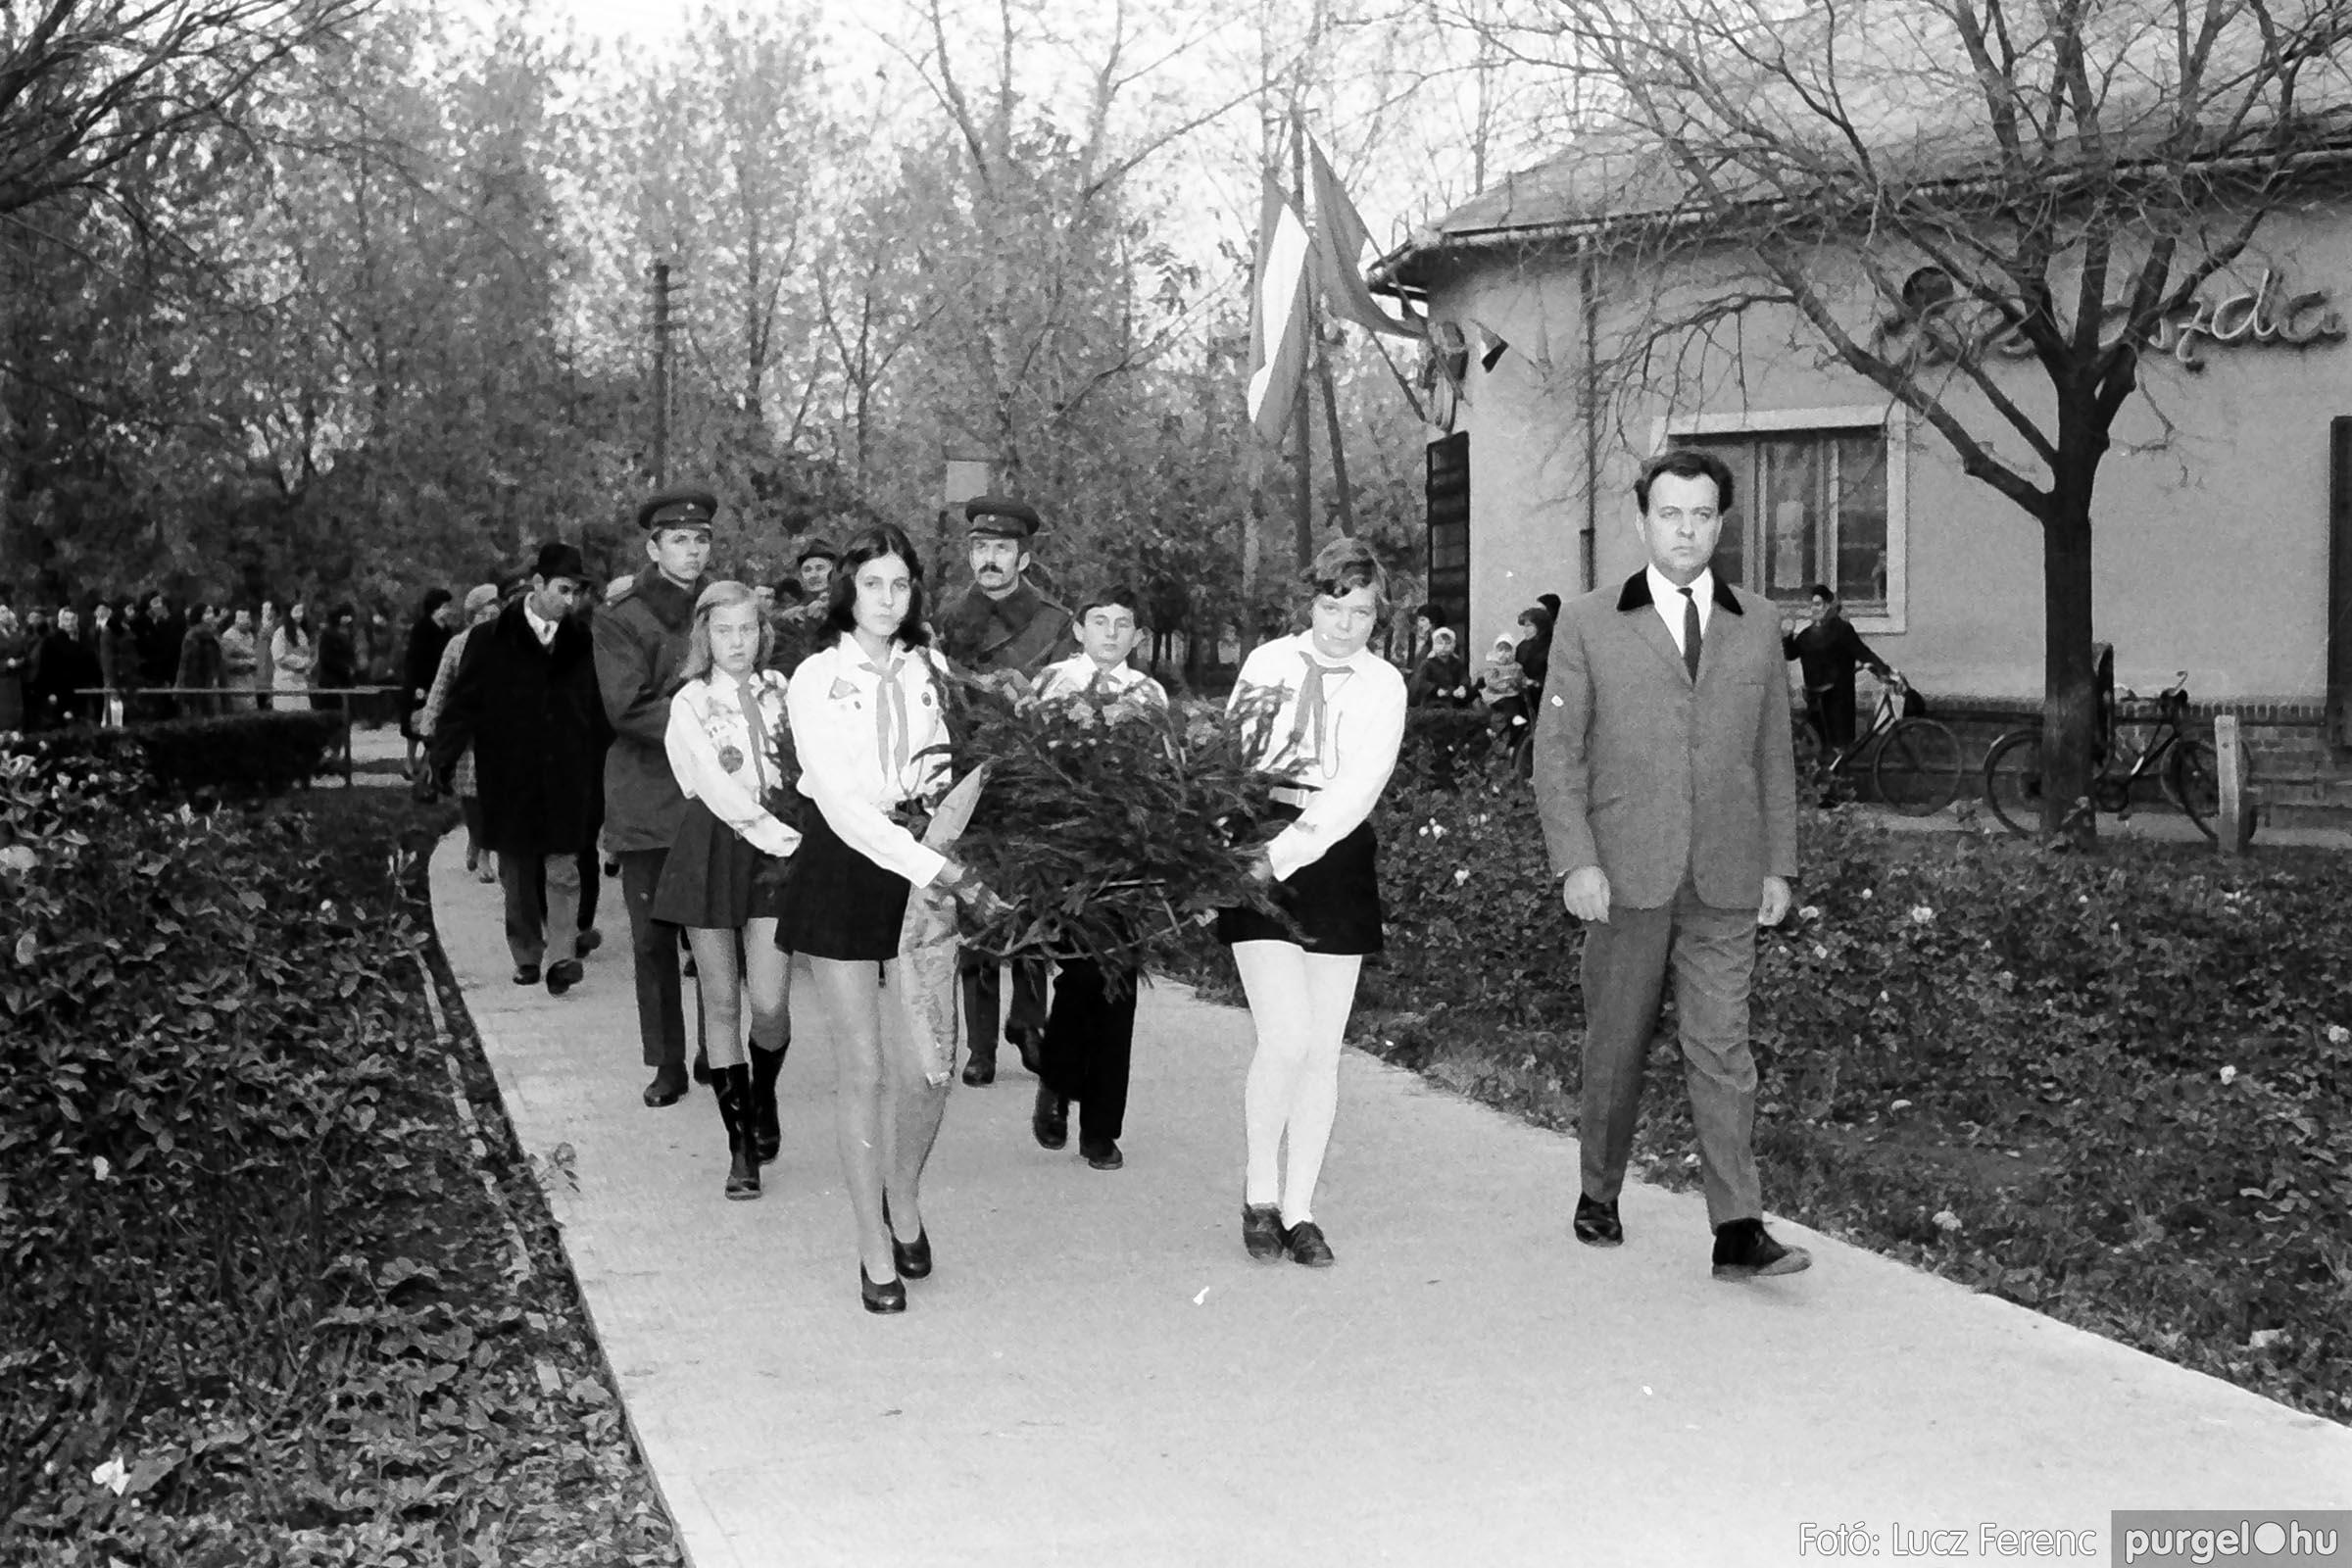 002 1970-es évek - November 7-i ünnepség 006 - Fotó: Lucz Ferenc - IMG01090q.jpg